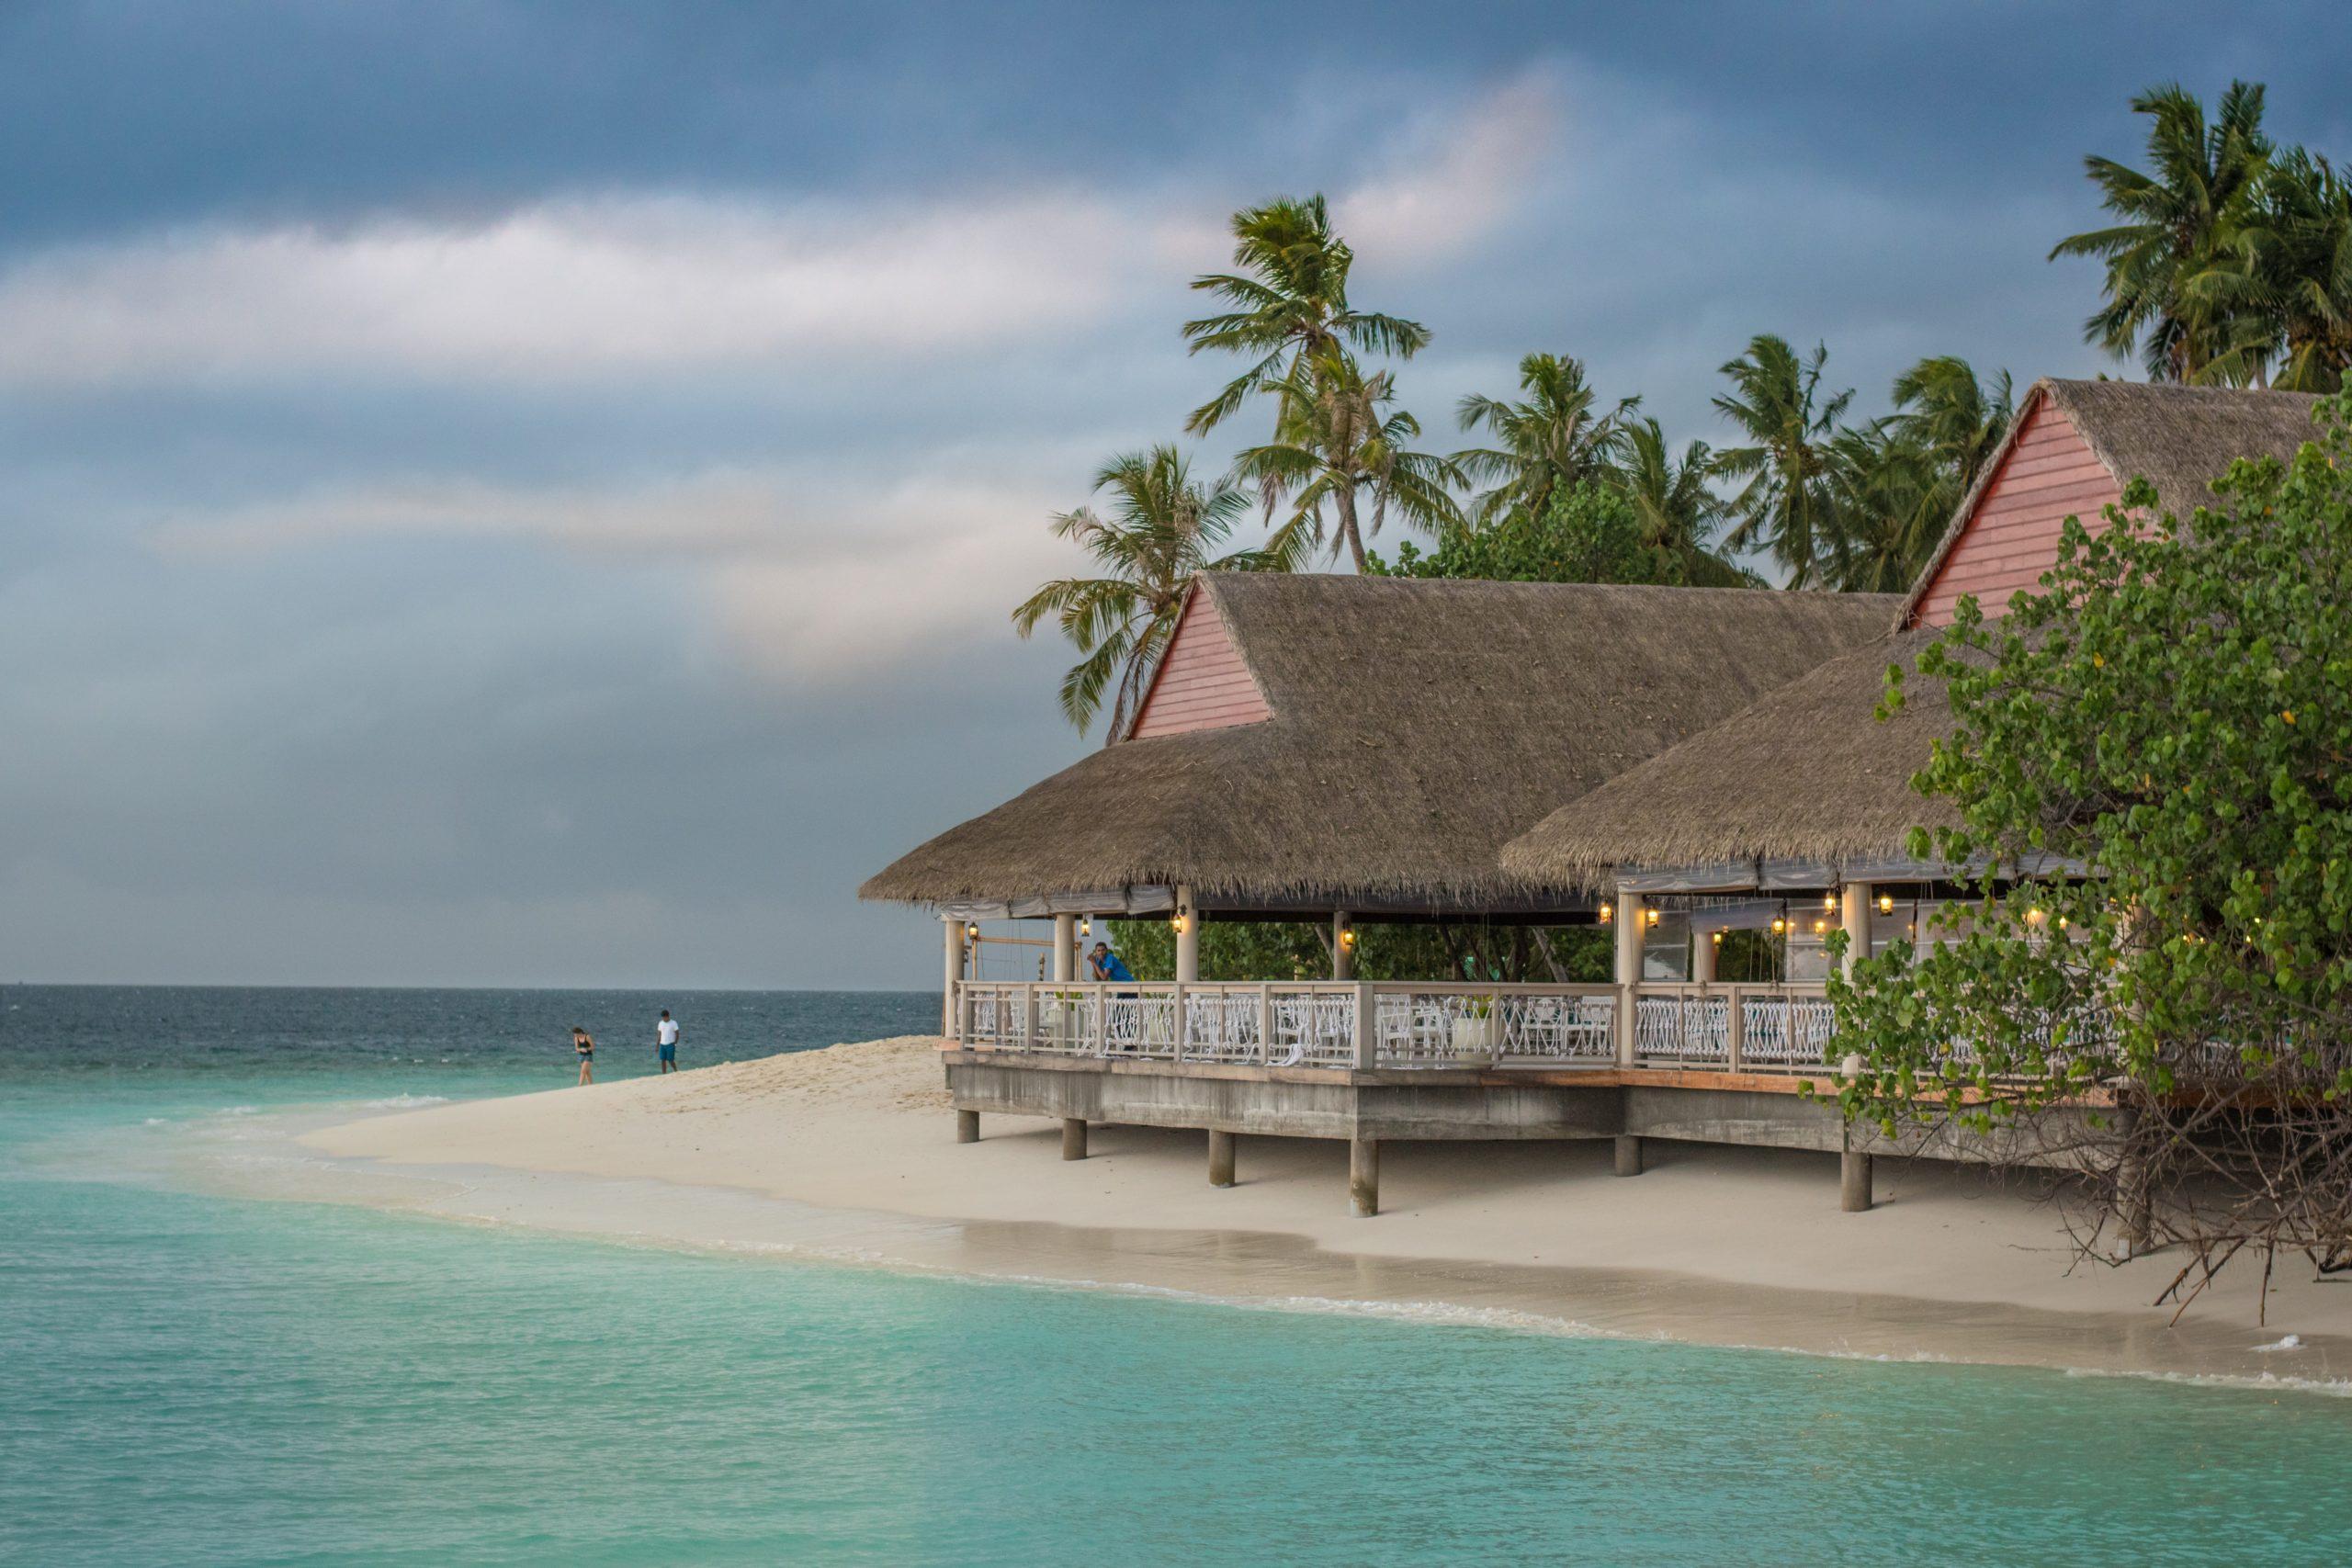 Magnifique maison de plage sur l'océan